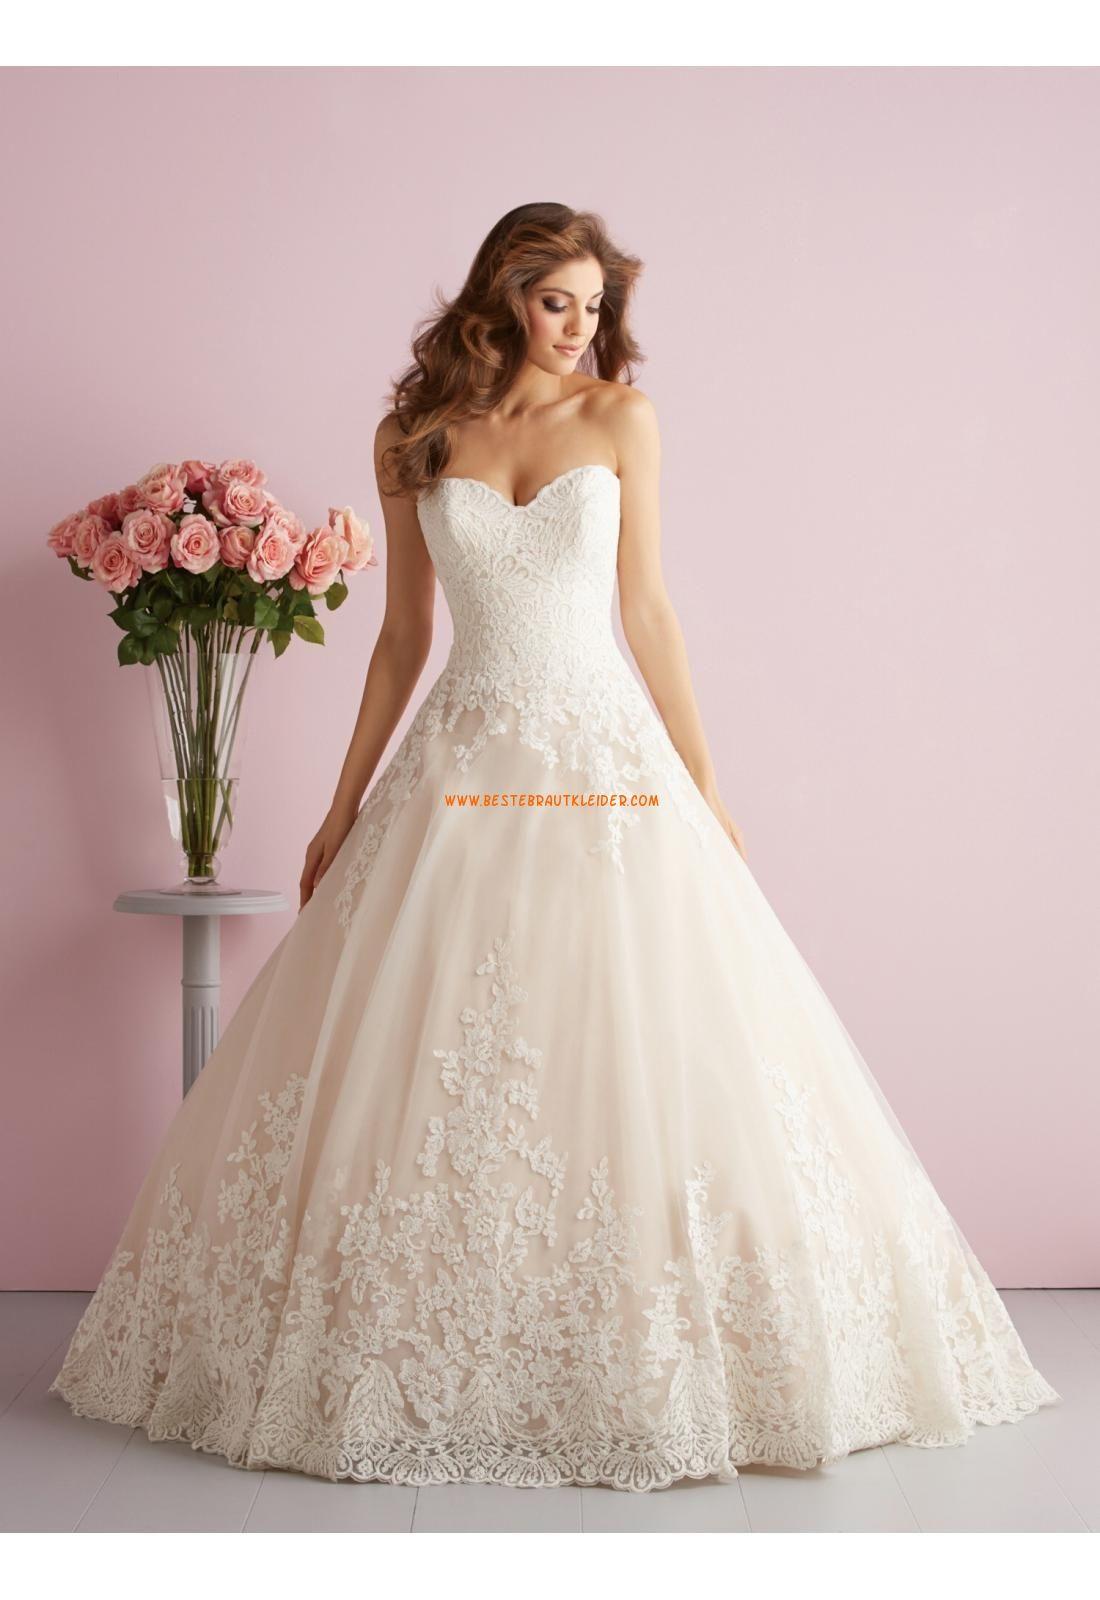 Prinzessin Romantische Traumhafte Brautkleider aus Tüll mit ...